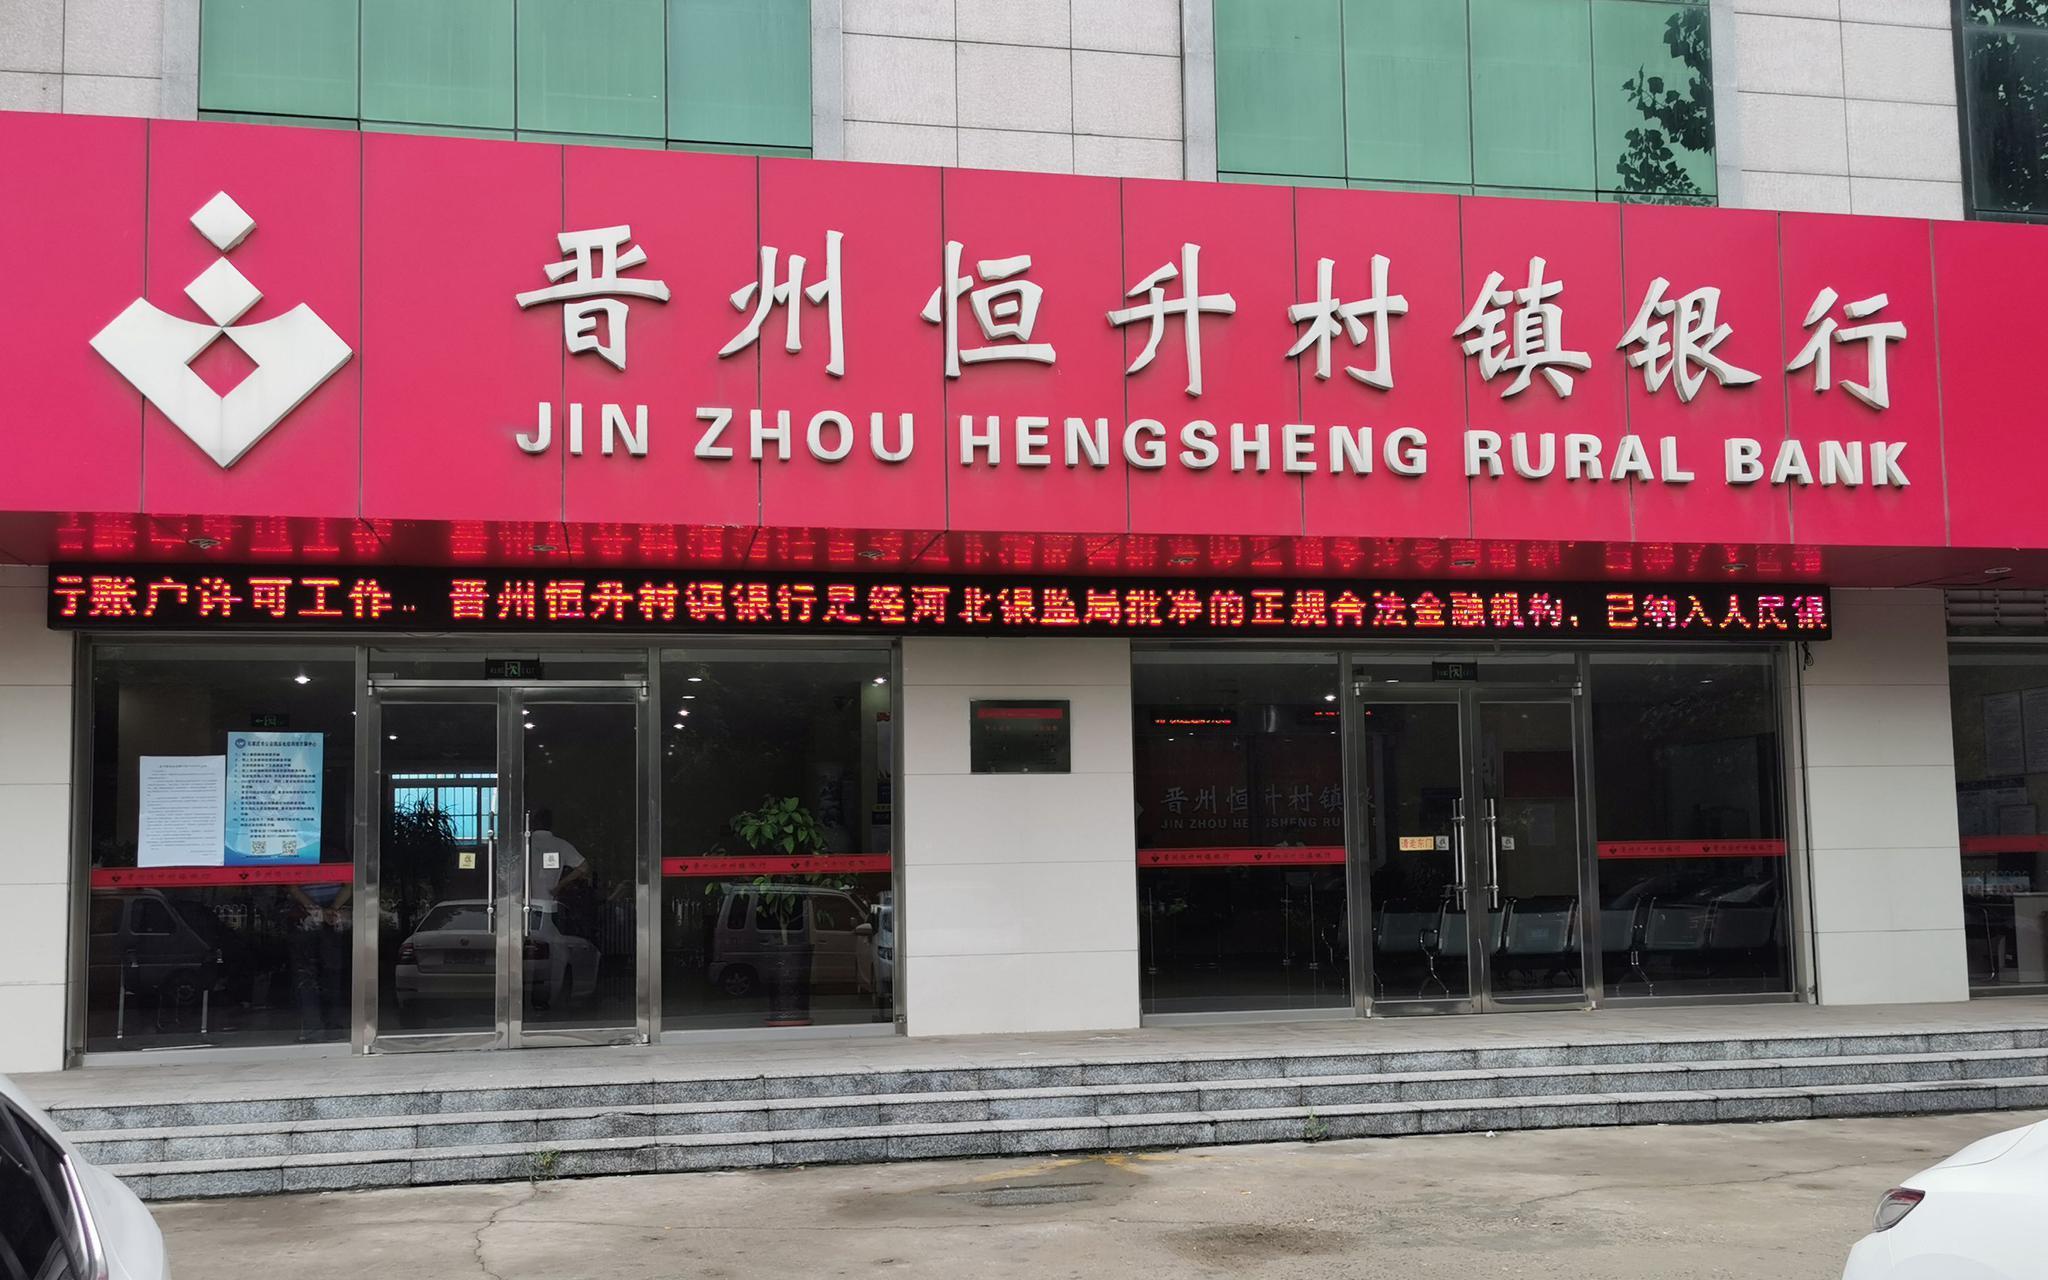 9月25日,晋州市内的恒升银行总部仍在营业。新京报记者 李英强 摄